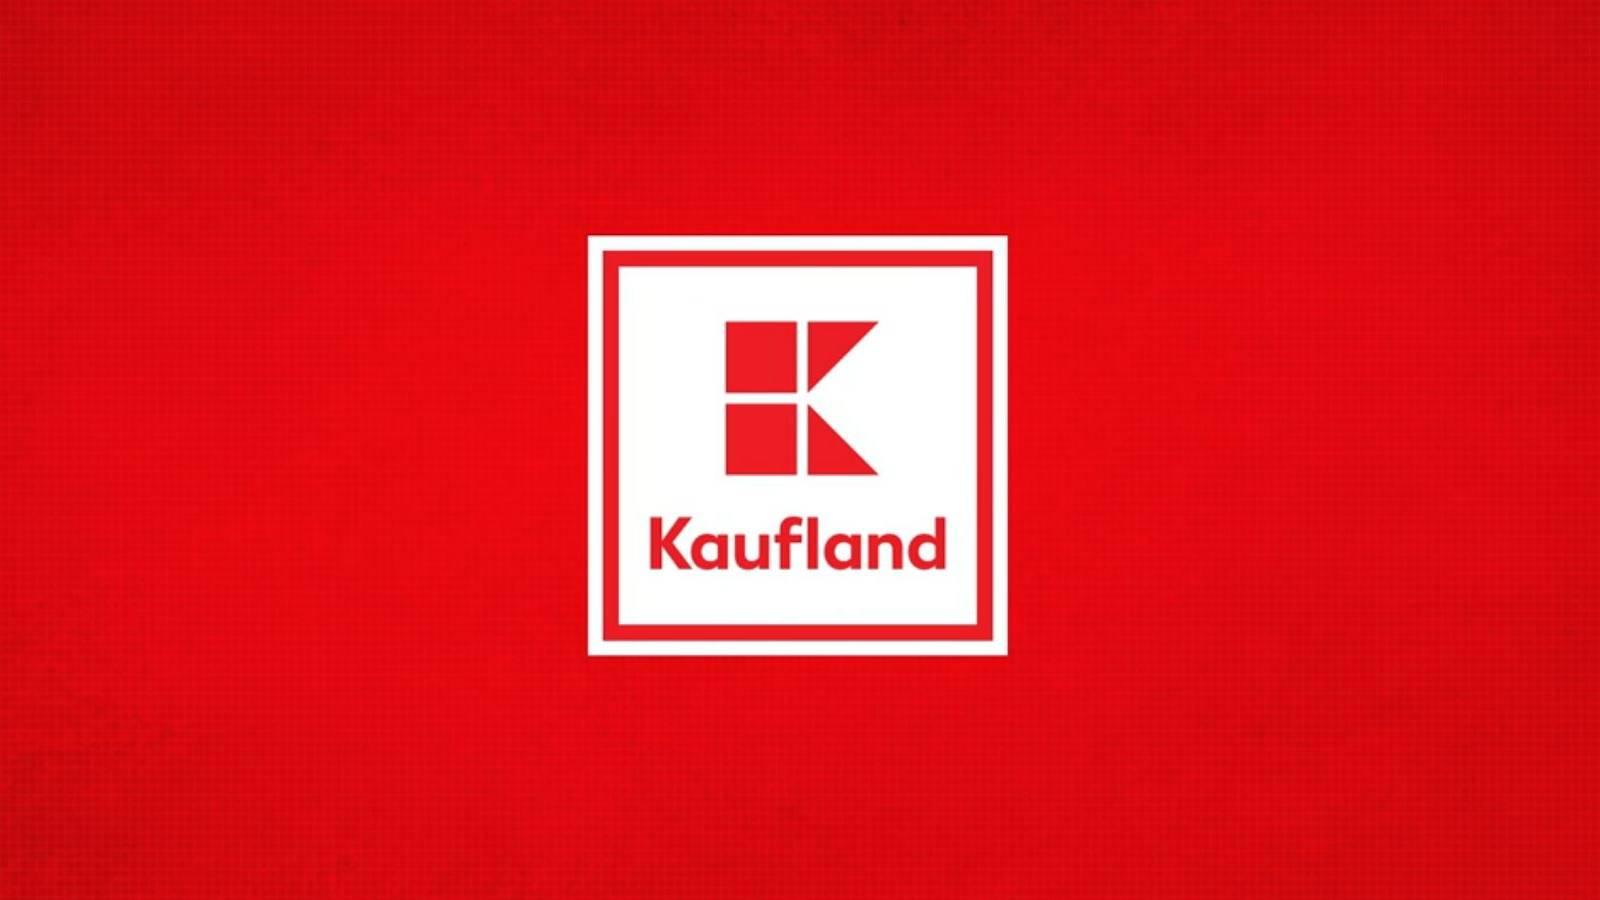 Kaufland calatorie